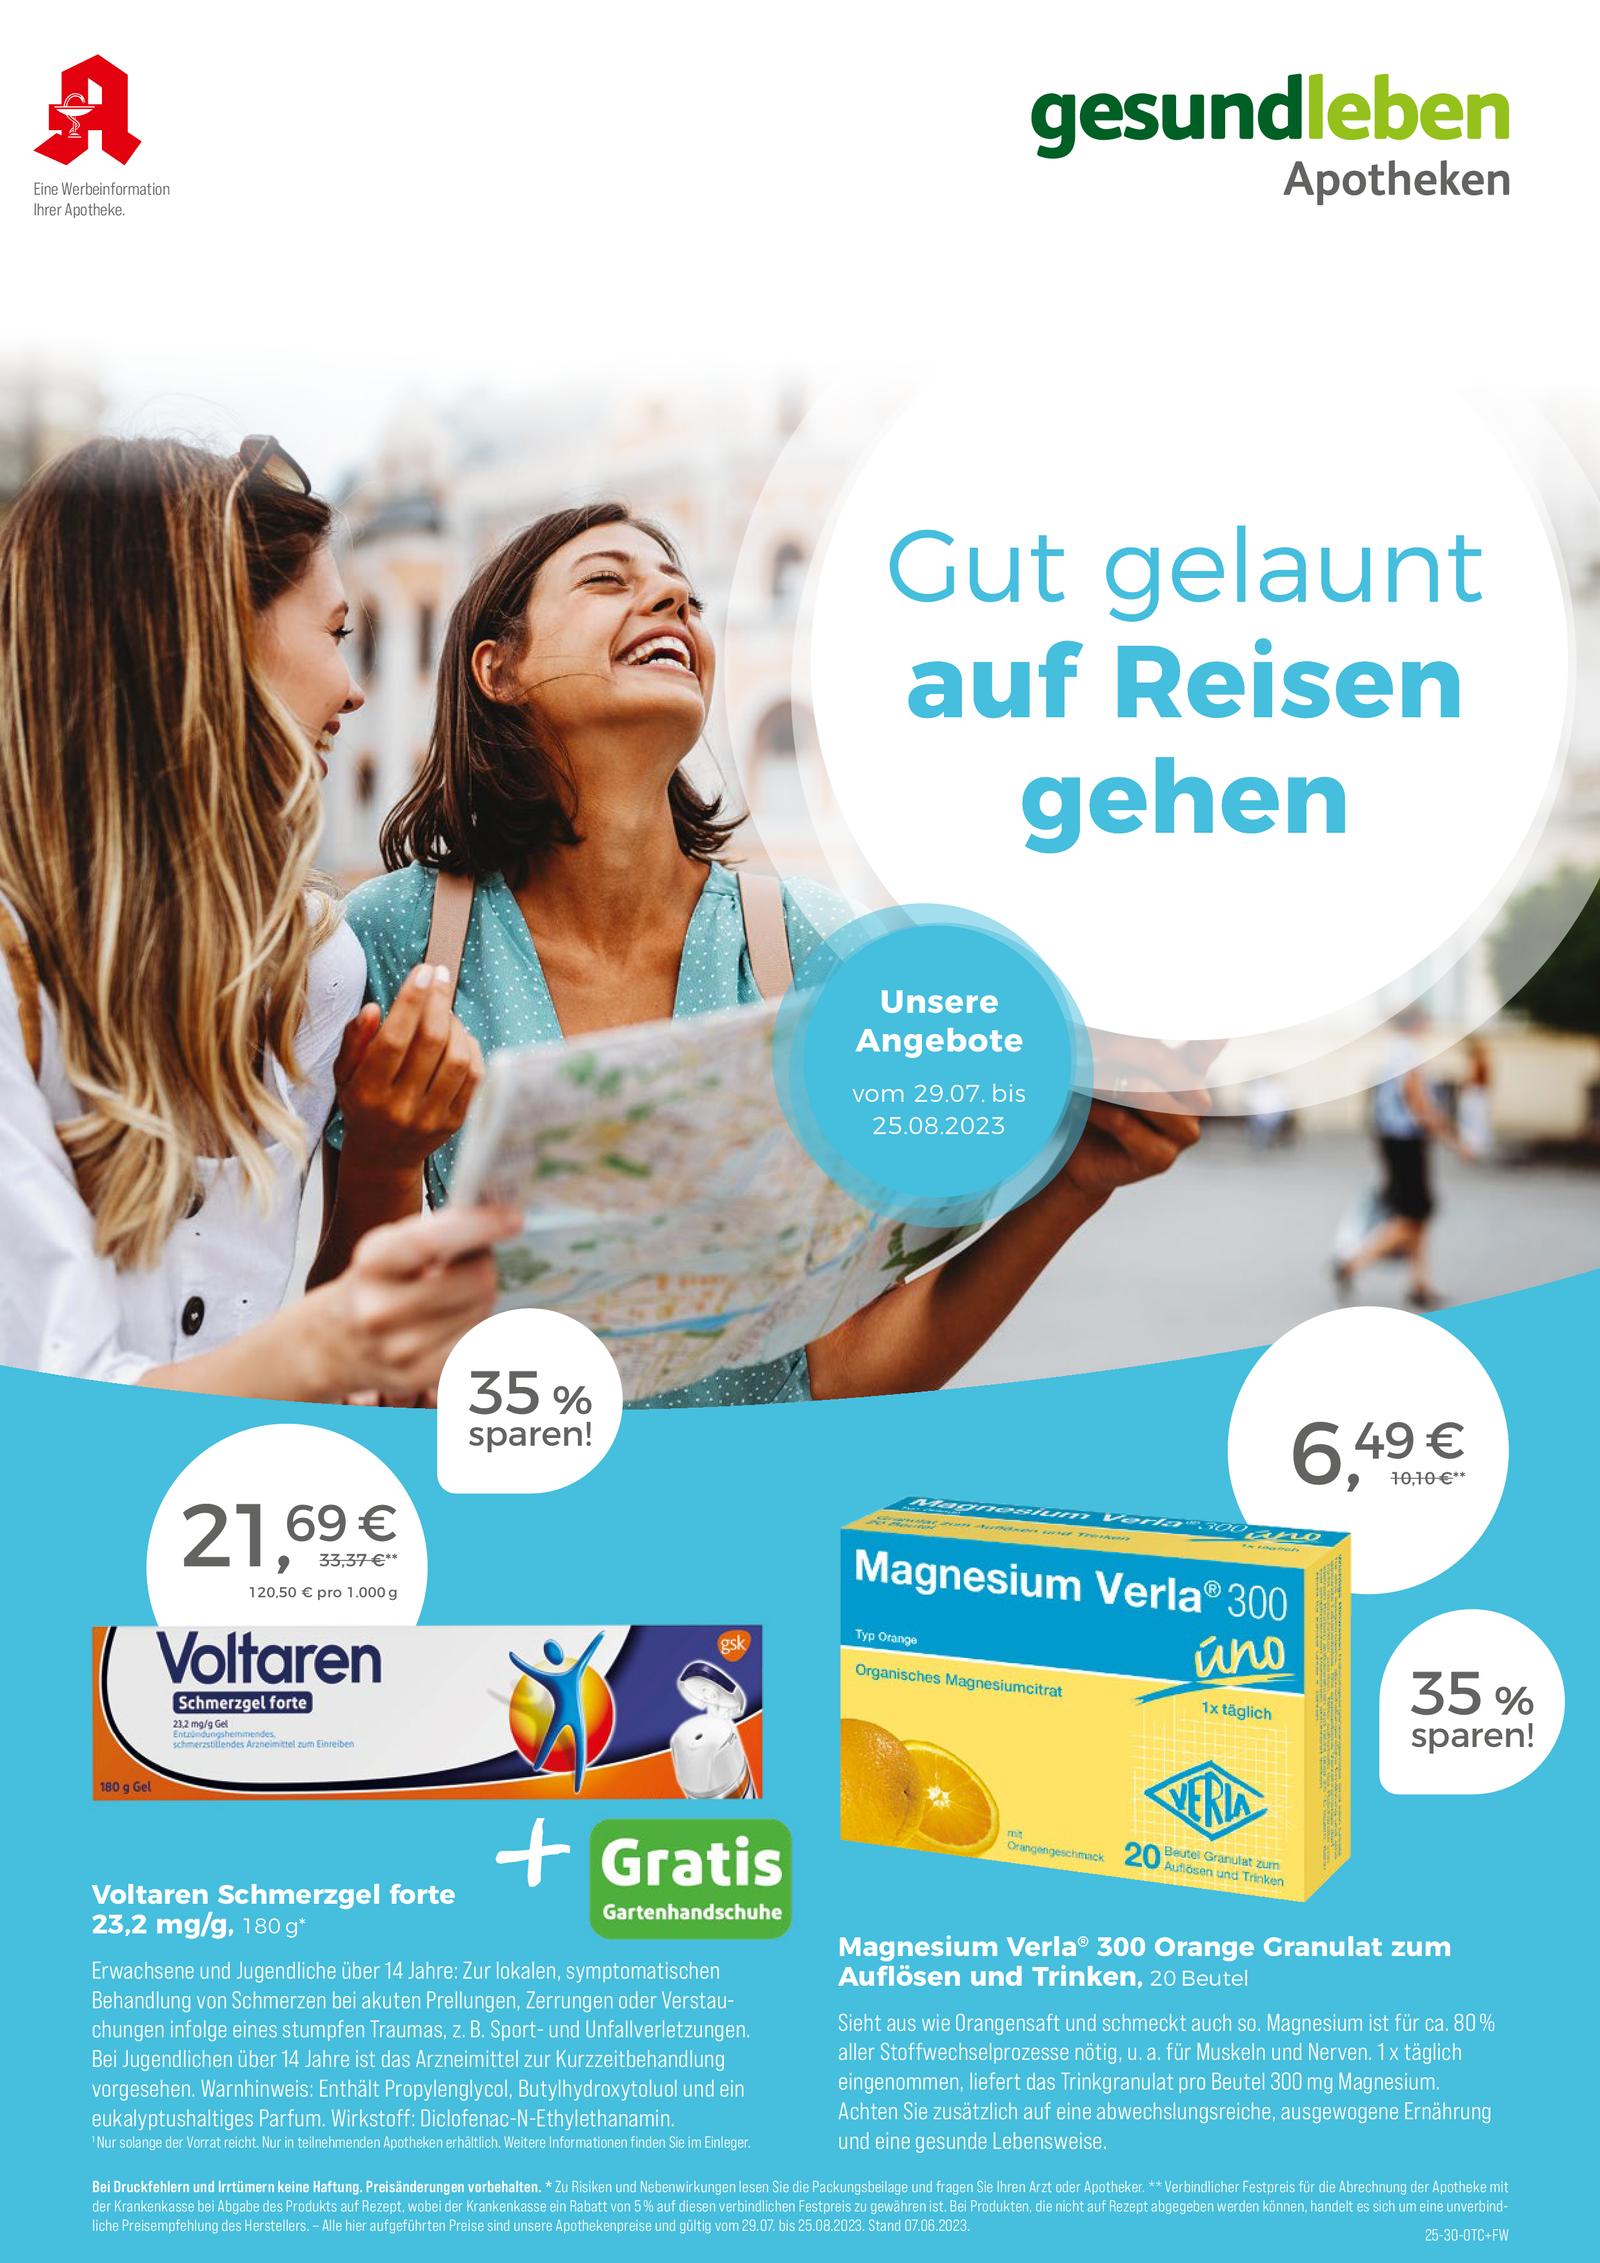 https://mein-uploads.apocdn.net/38/leaflets/gesundleben_hoch-Seite1.png